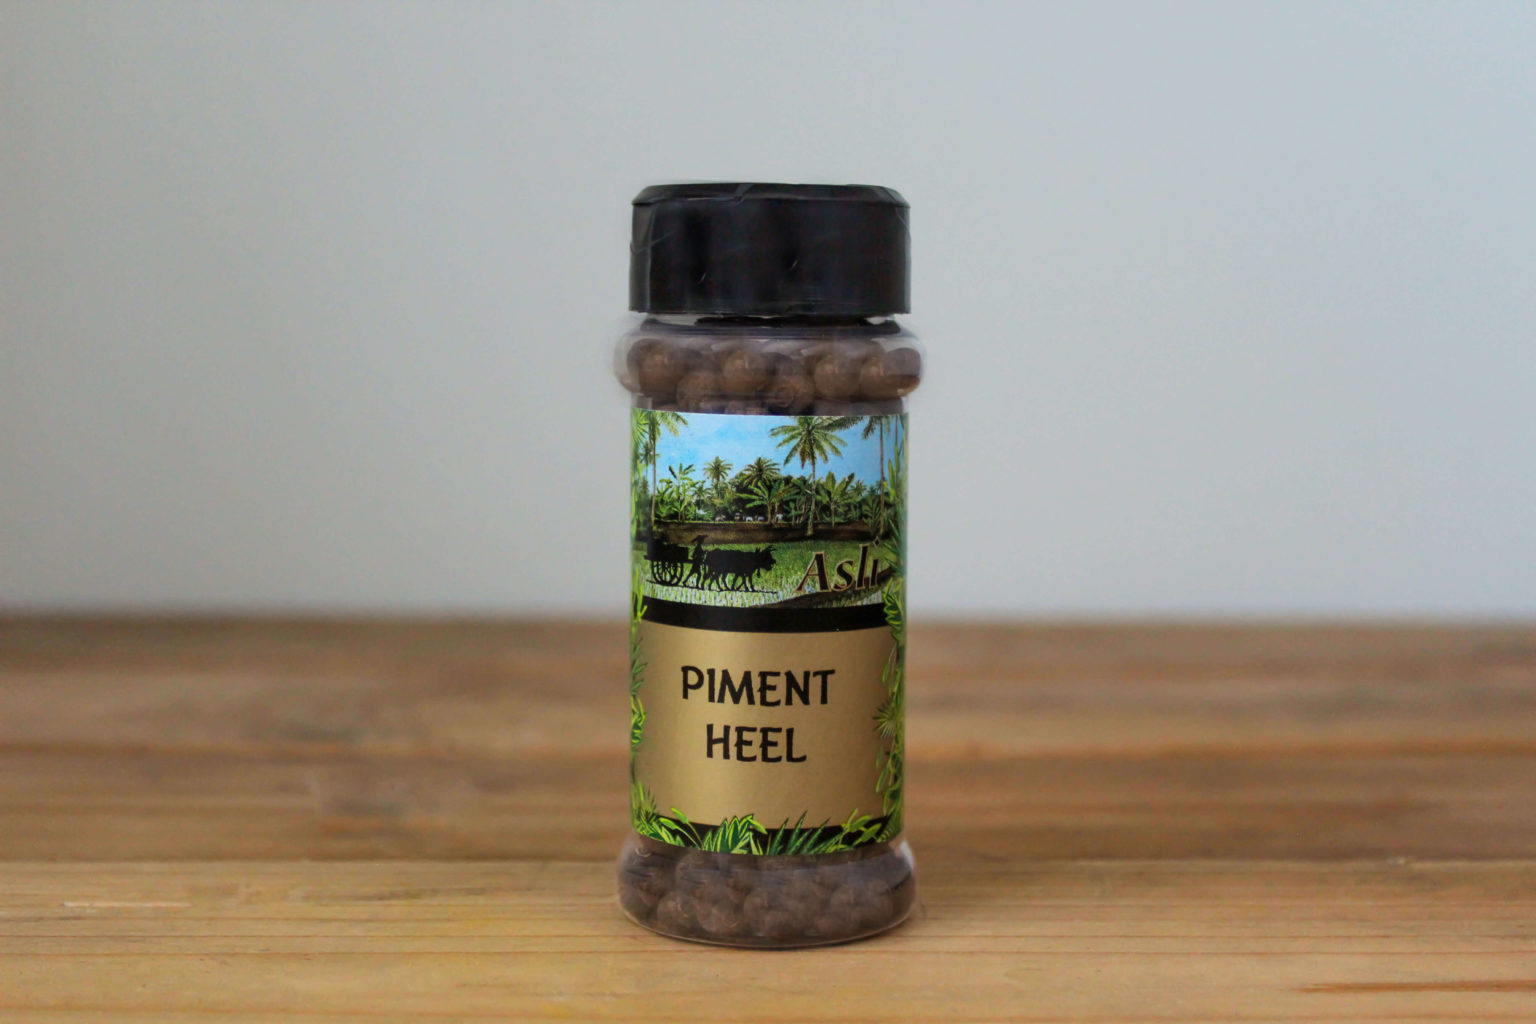 Piment heel